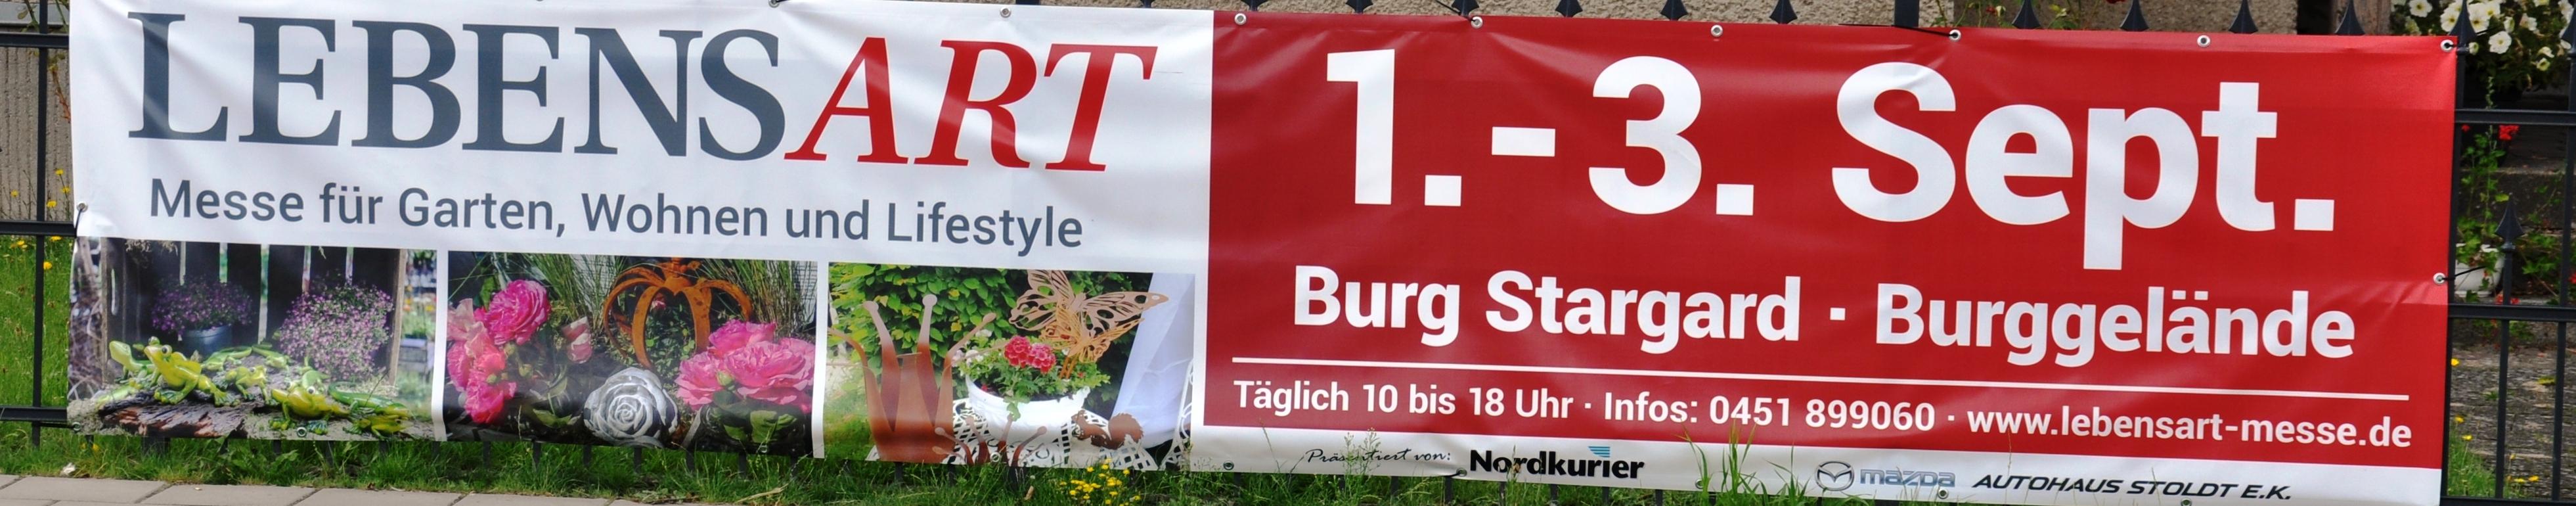 Lebensart_banner